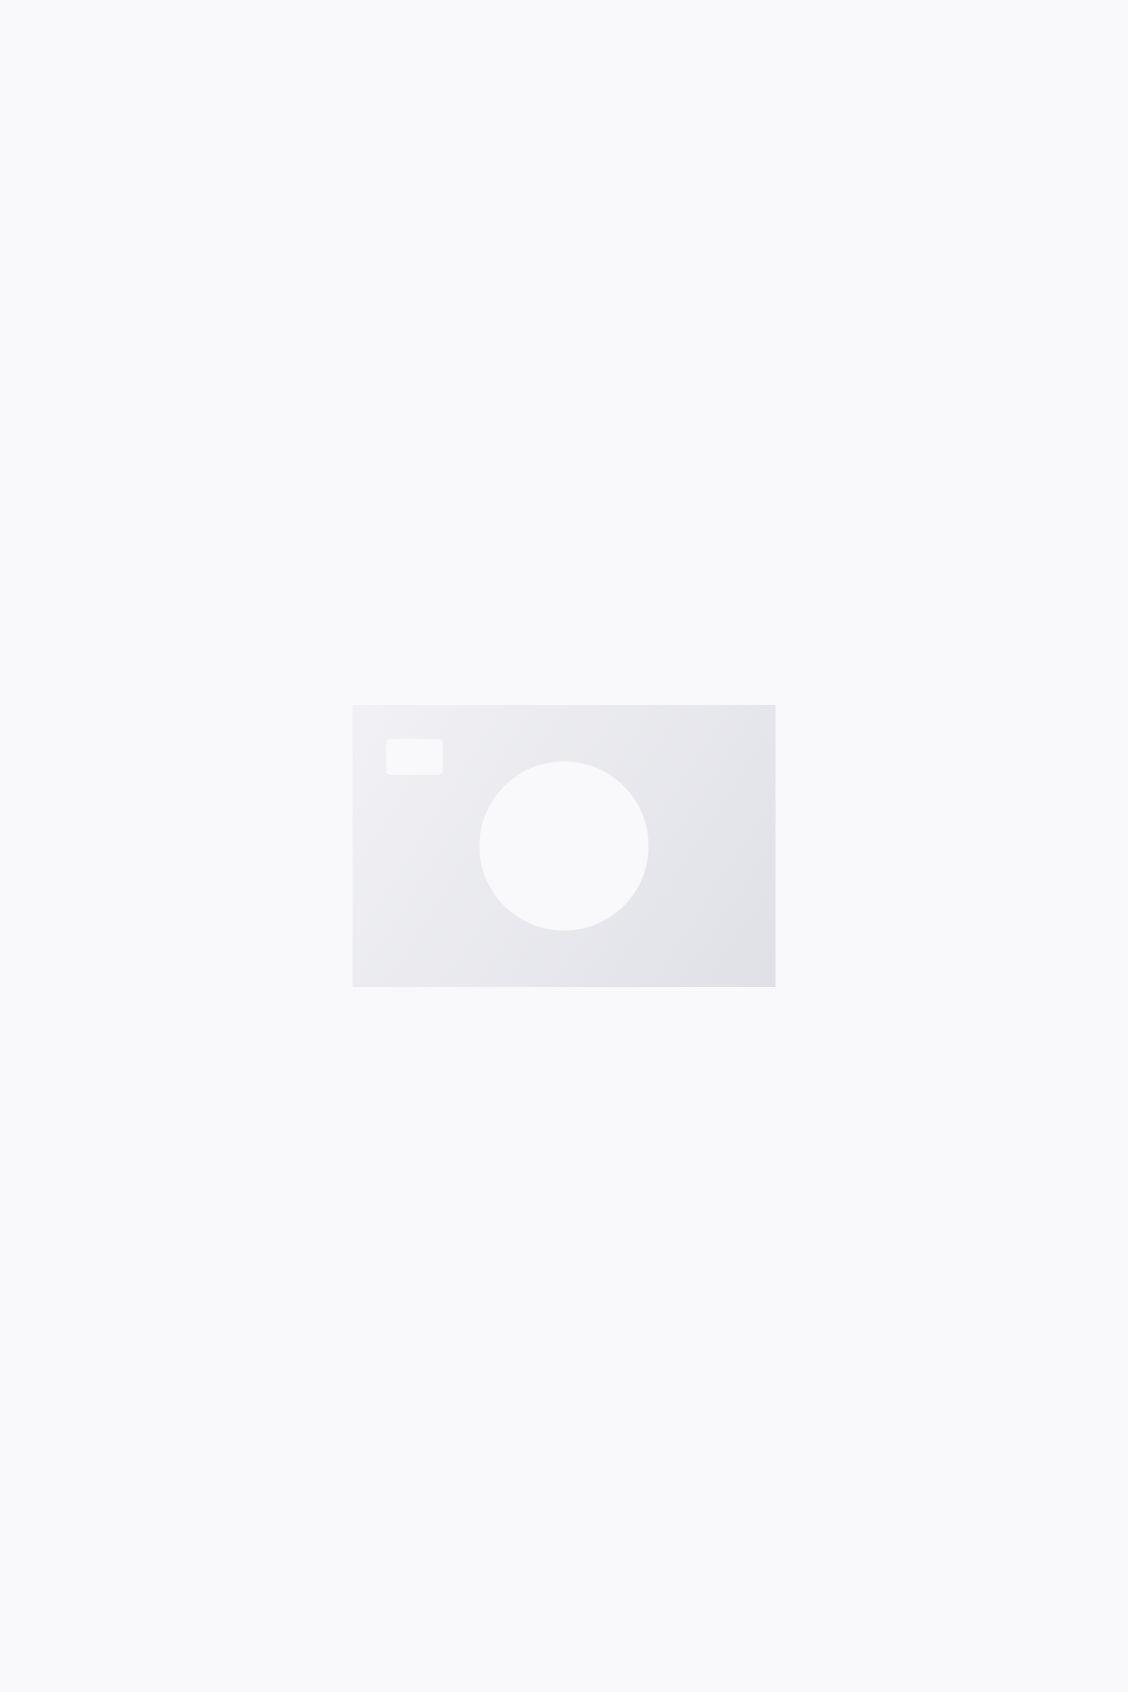 앤 아더 스토리즈 후프 귀걸이 & OTHER STORIES Chunky Mini Hoop Earrings,Gold